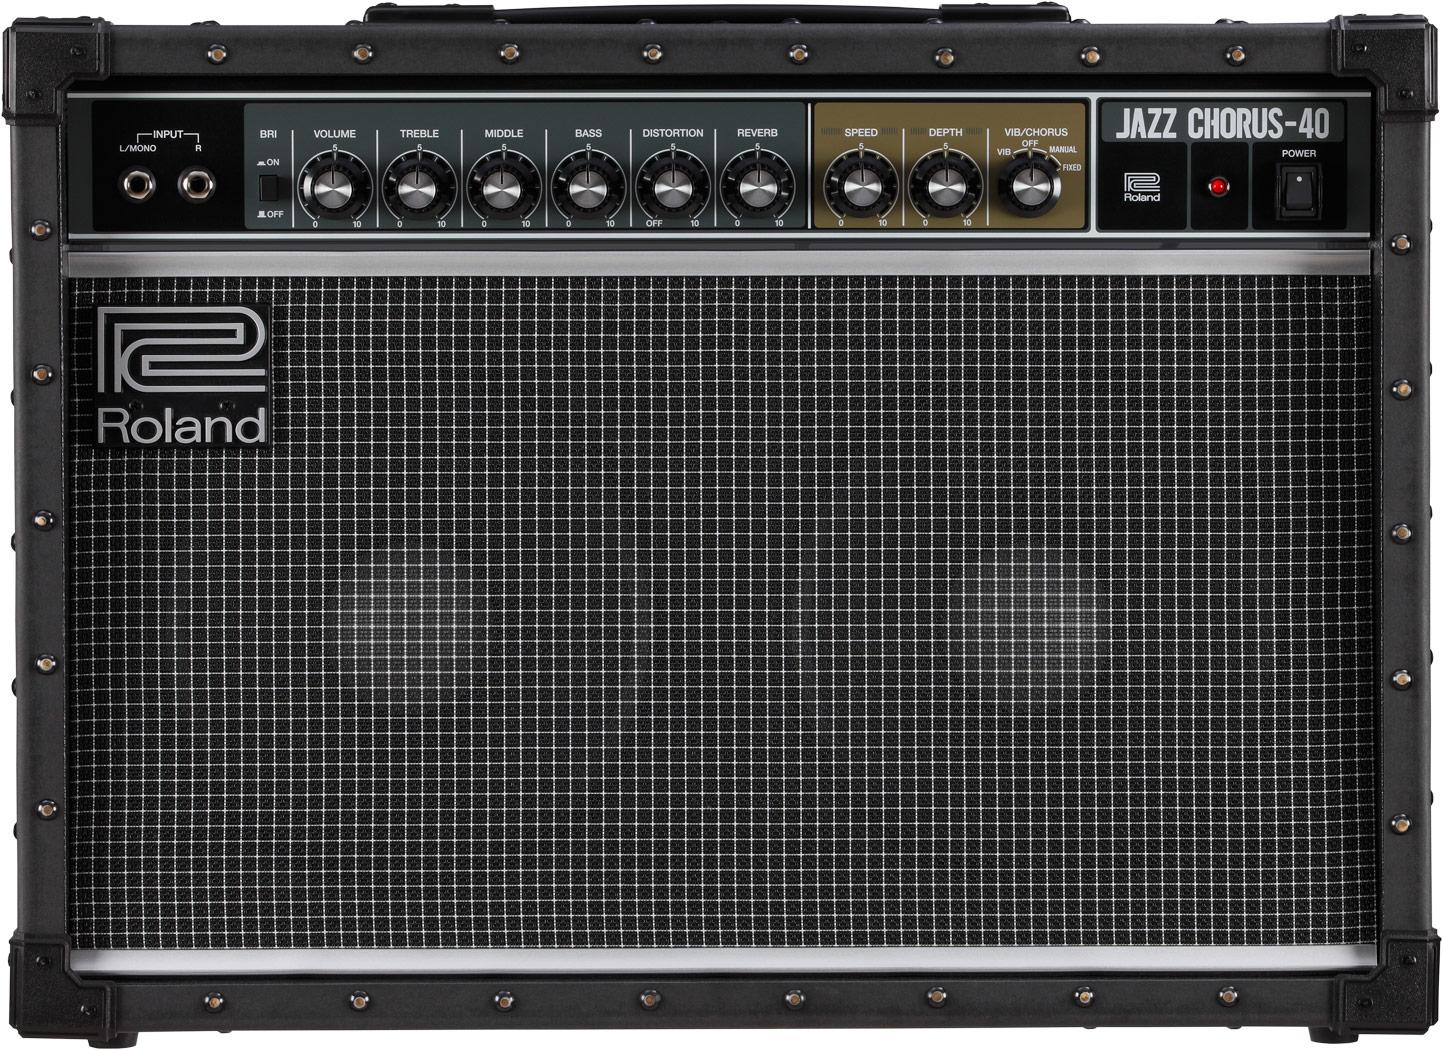 Roland JC-40 Jazz Chorus 2